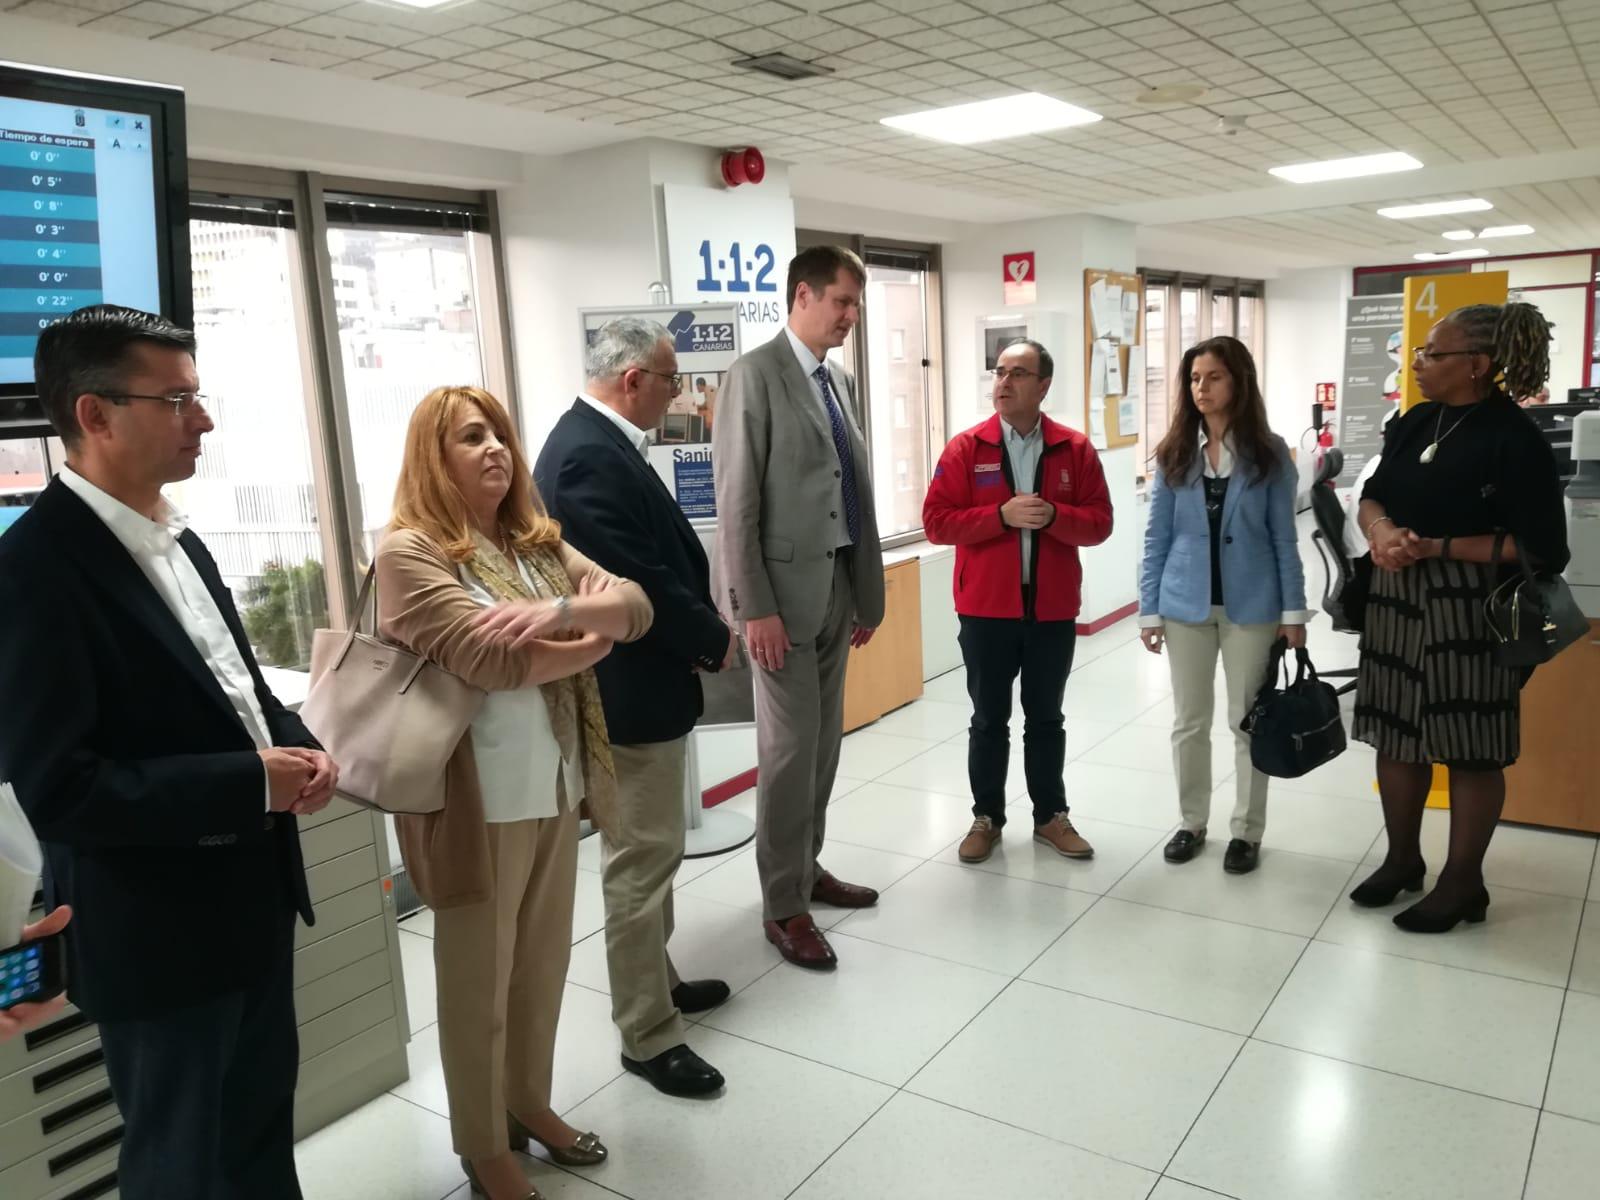 Visita del embajador británico al 112 Canarias